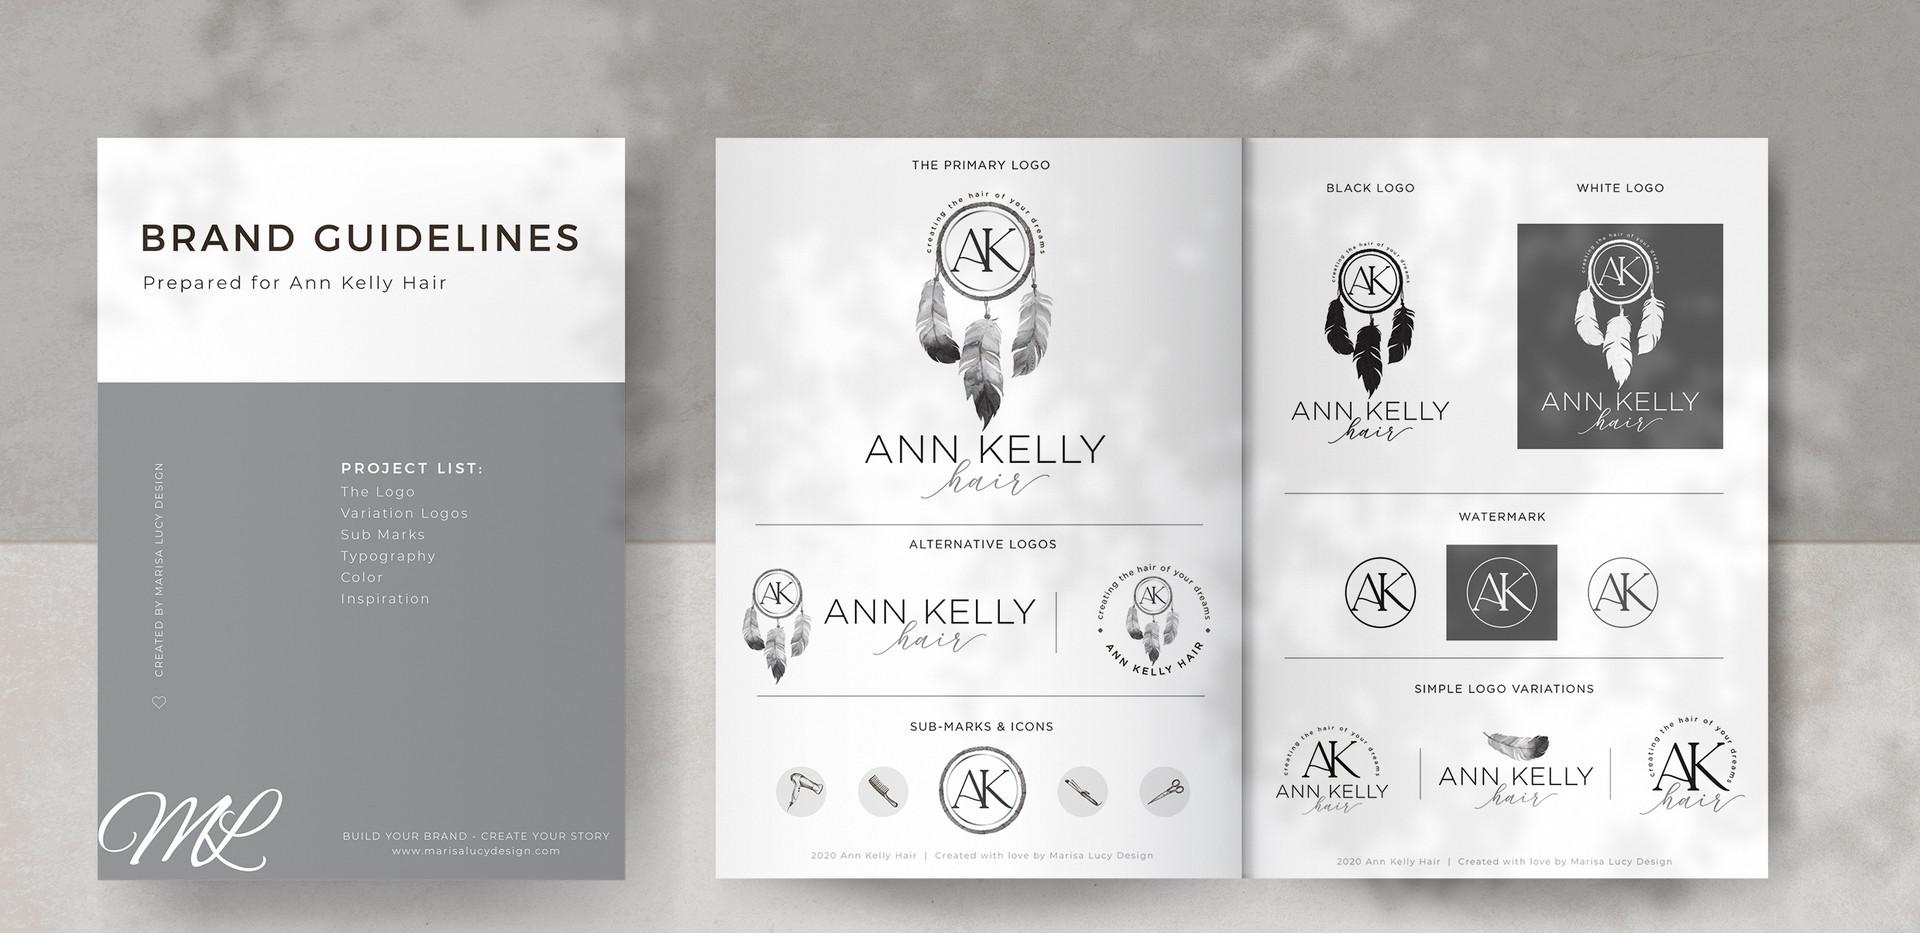 Ann Kelly Hair Branding